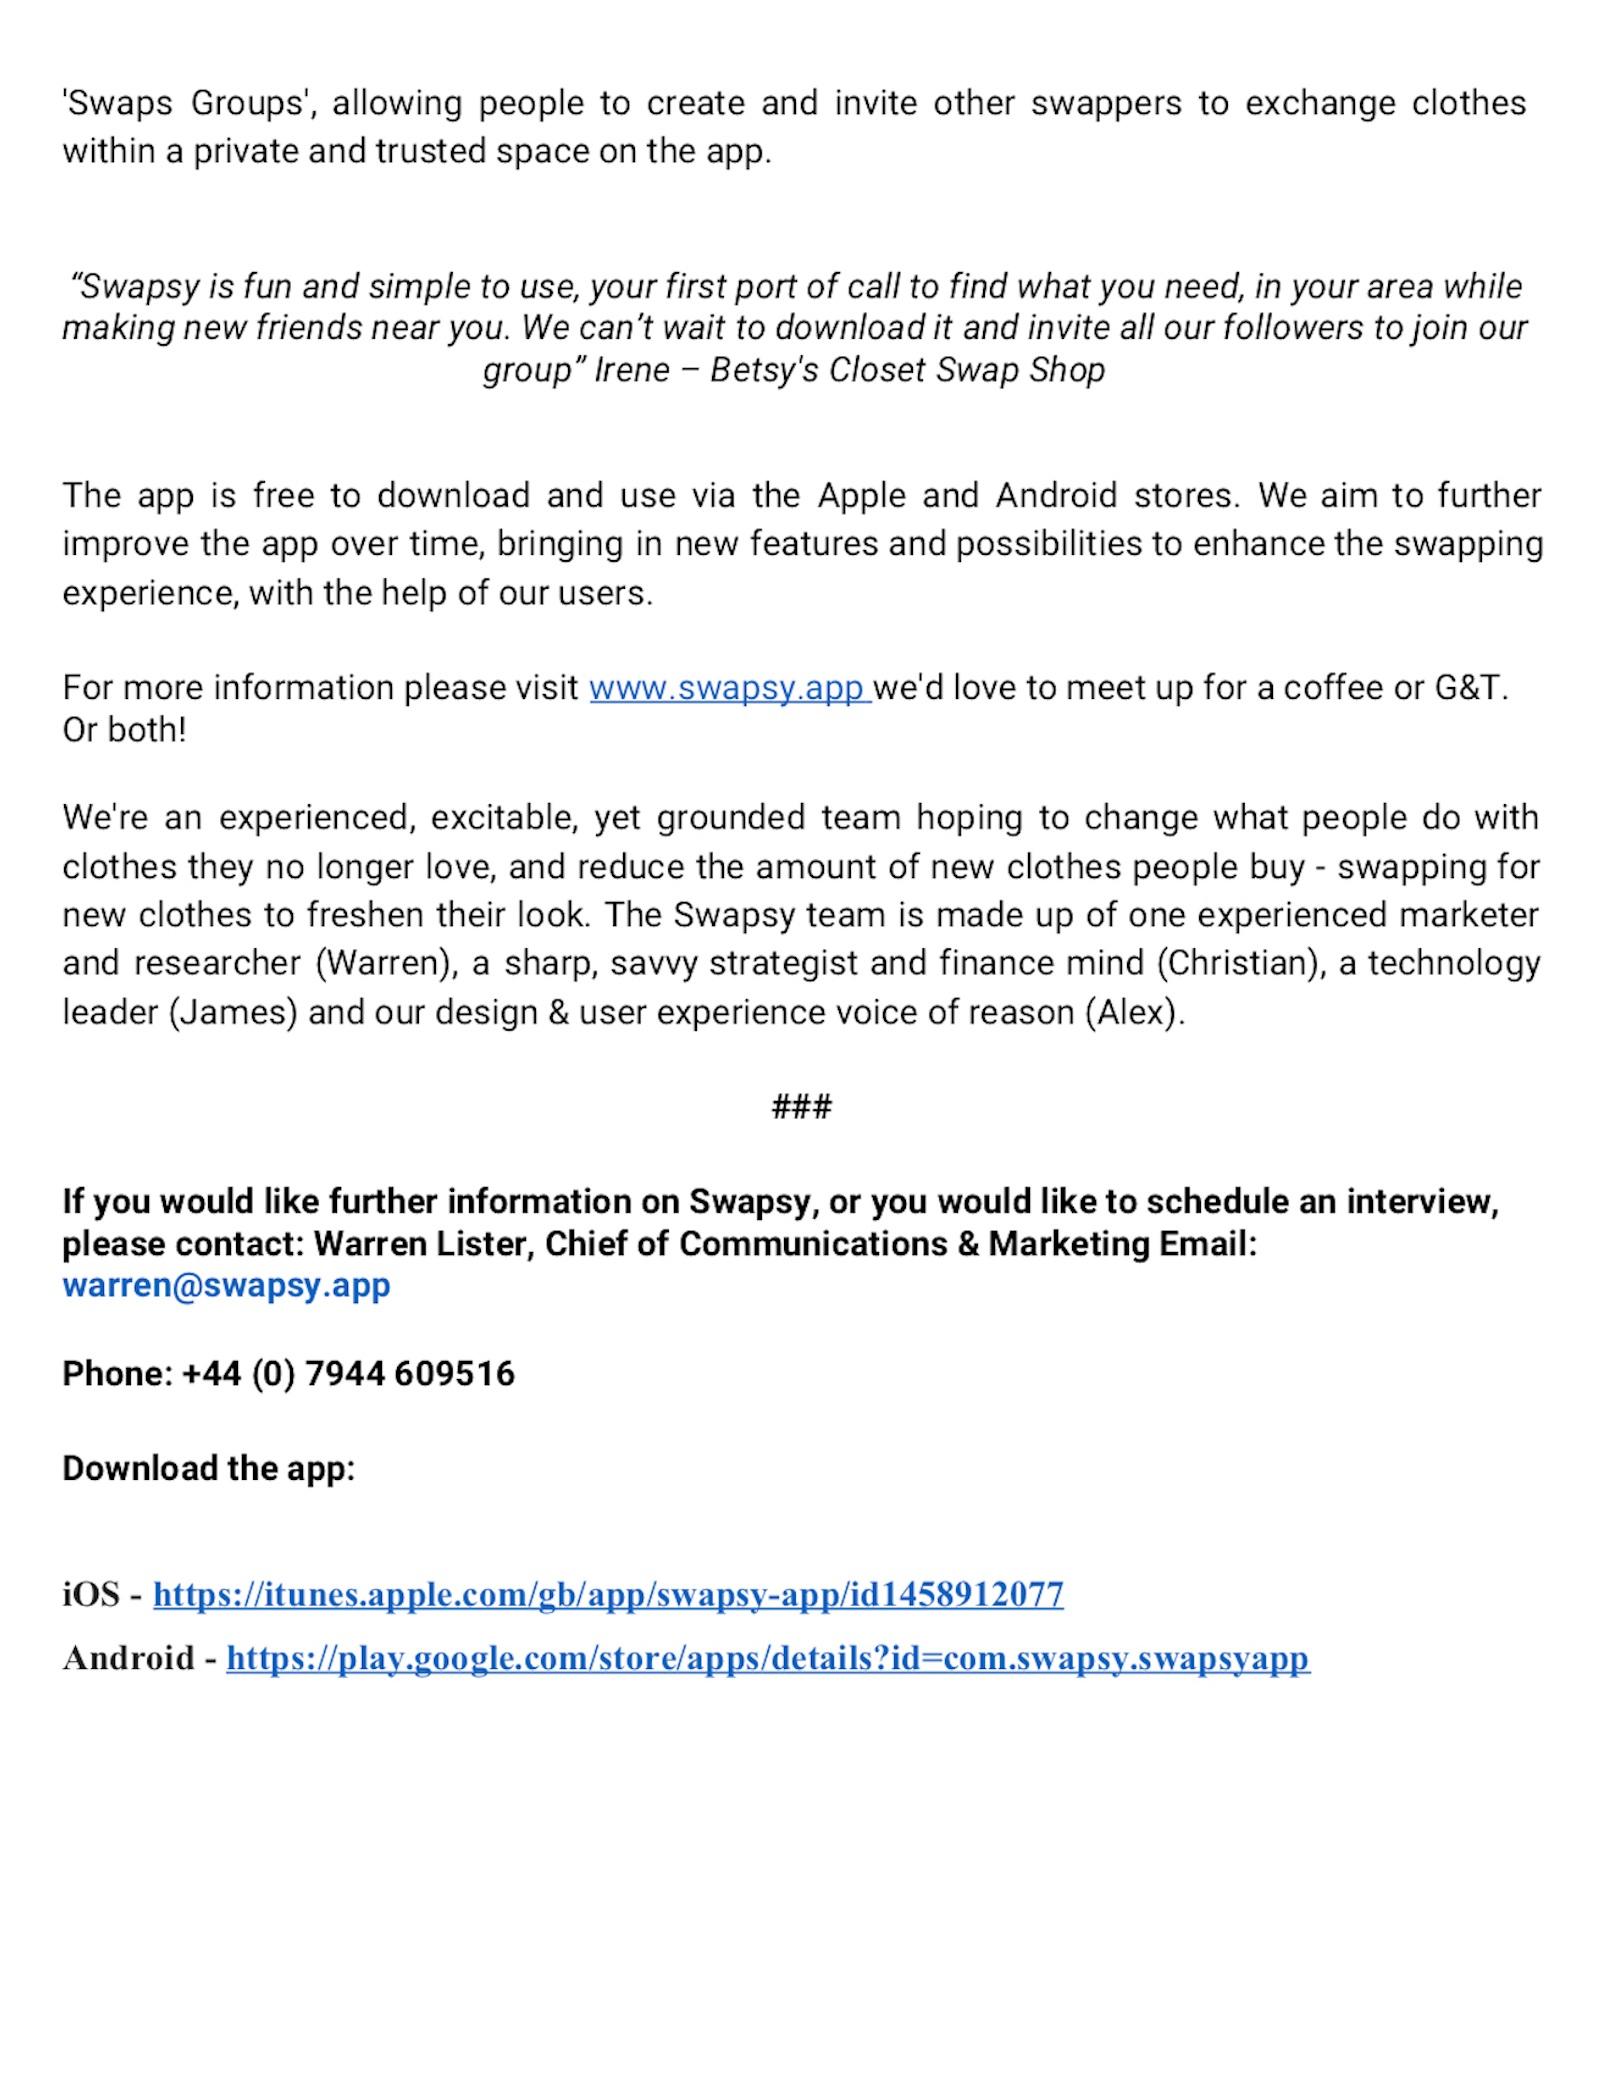 Swapsy+Press+Release_June+2019_2.jpg